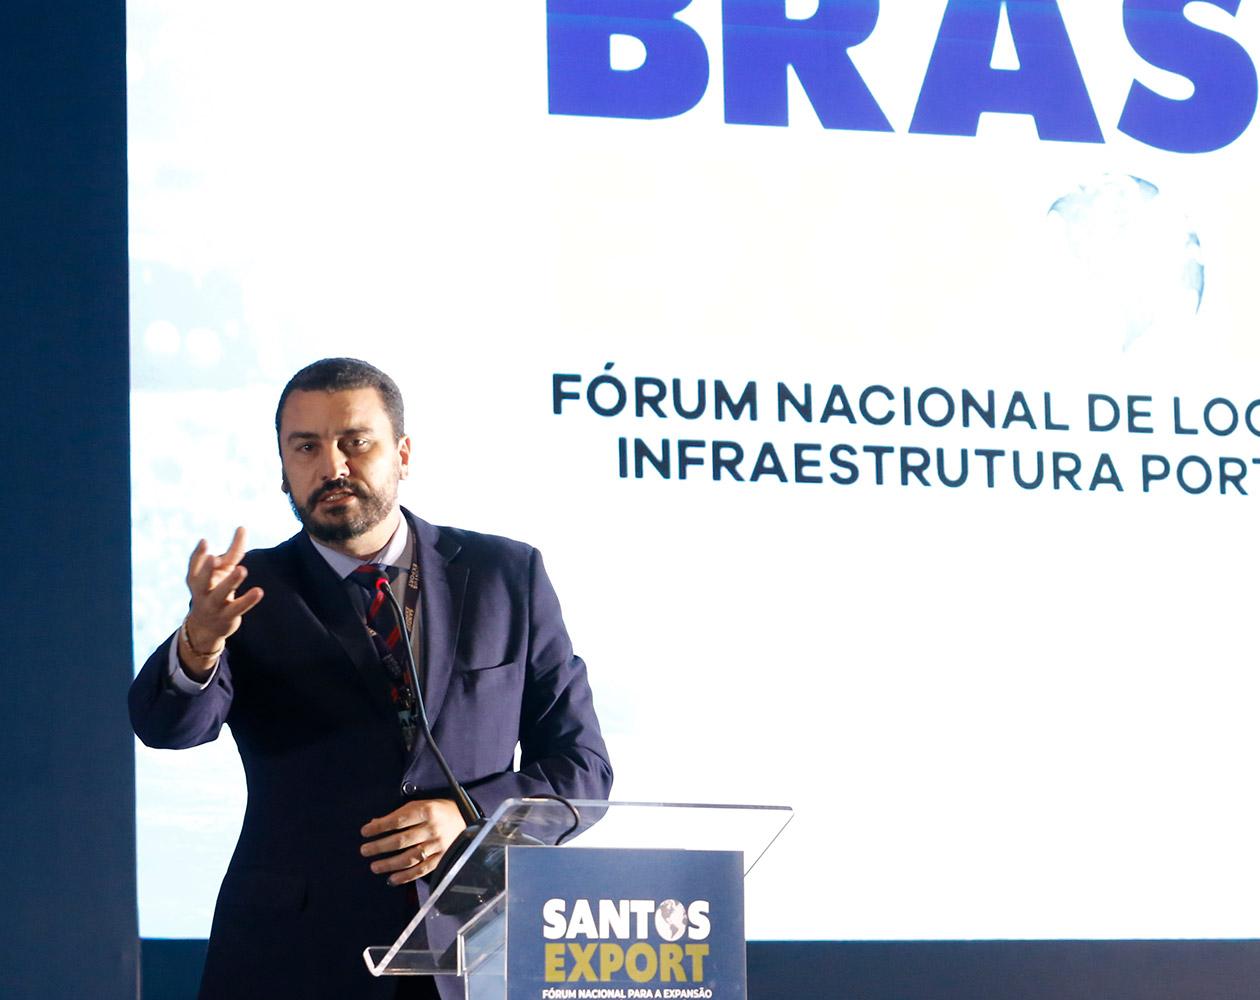 Fabrício Julião (foto), diretor presidente da UnaMarketing de Evento